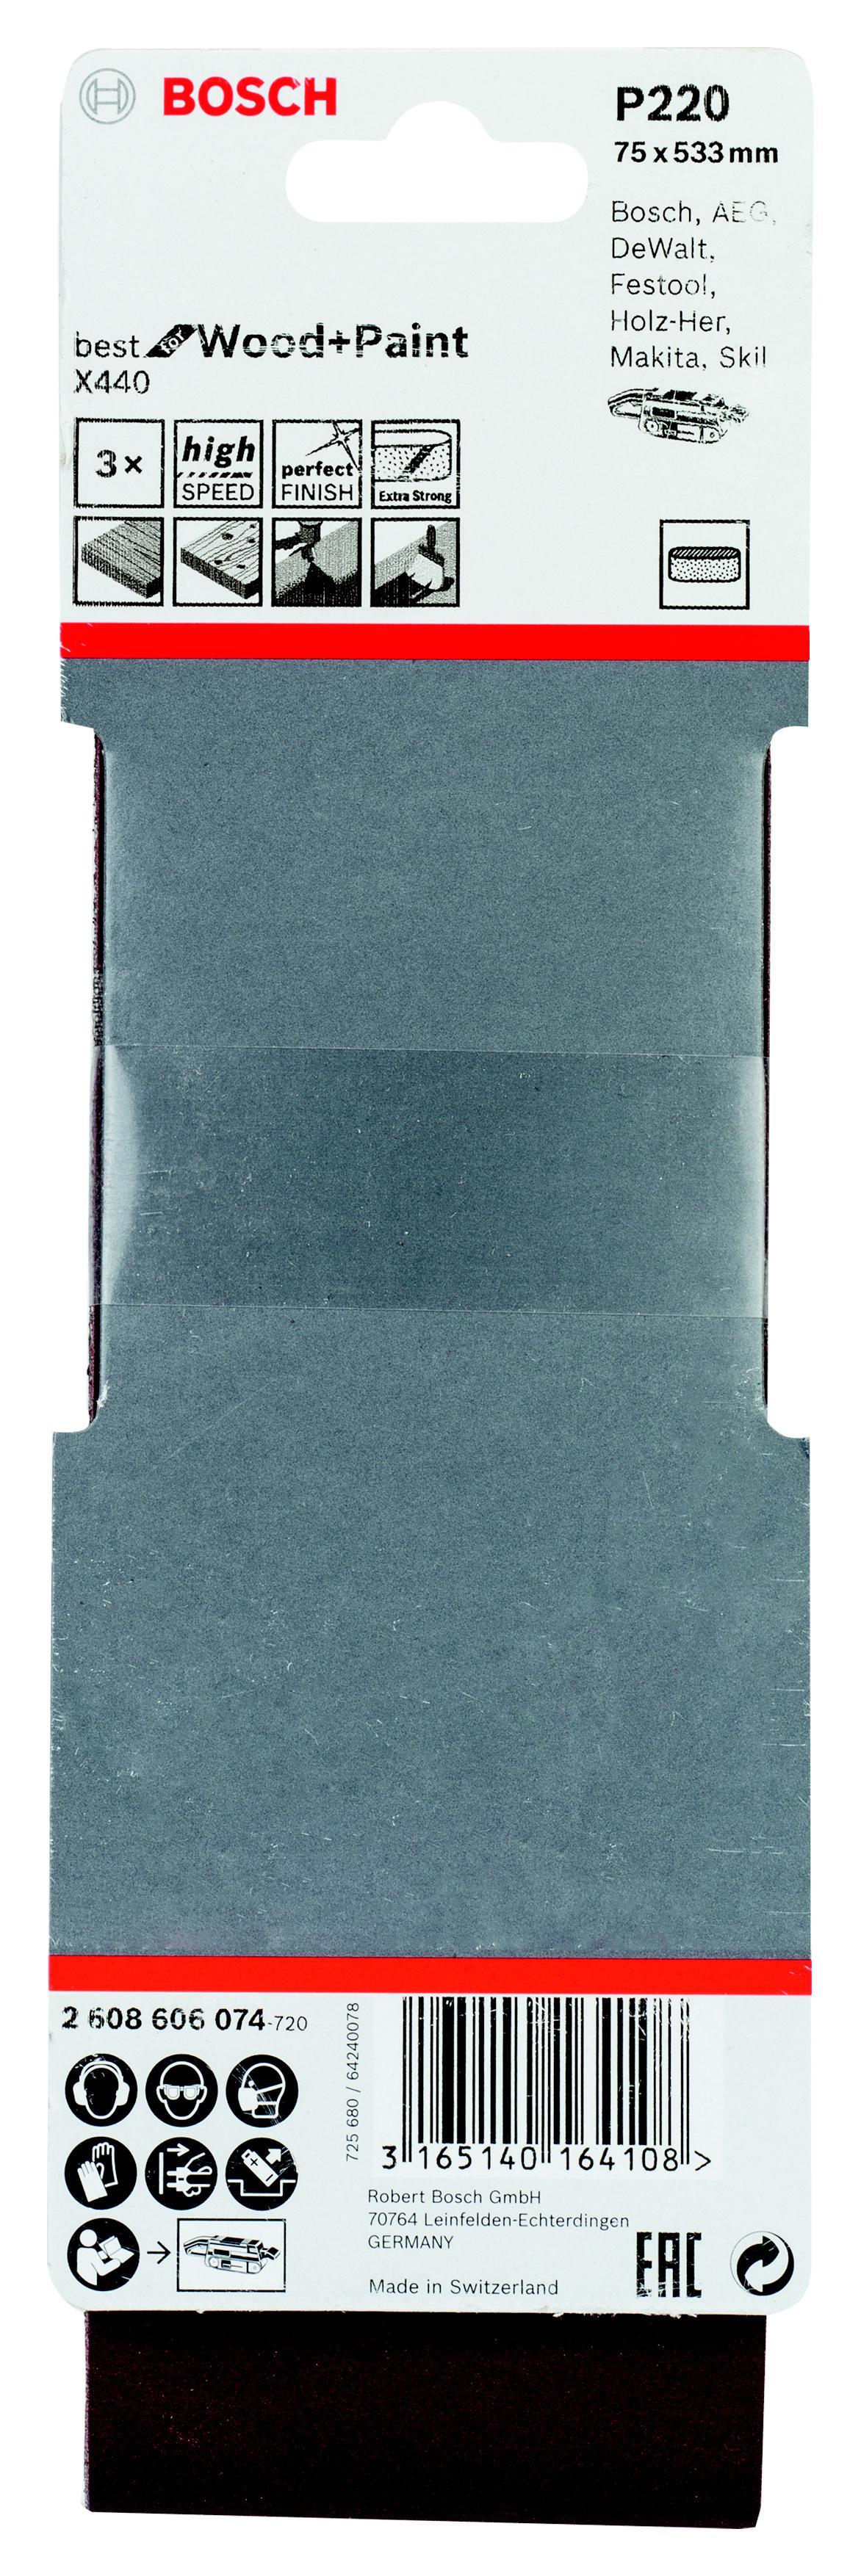 Лента шлиф. бесконечная Bosch 75х533мм p220 лента шлиф бесконечная bosch 75х533мм p120